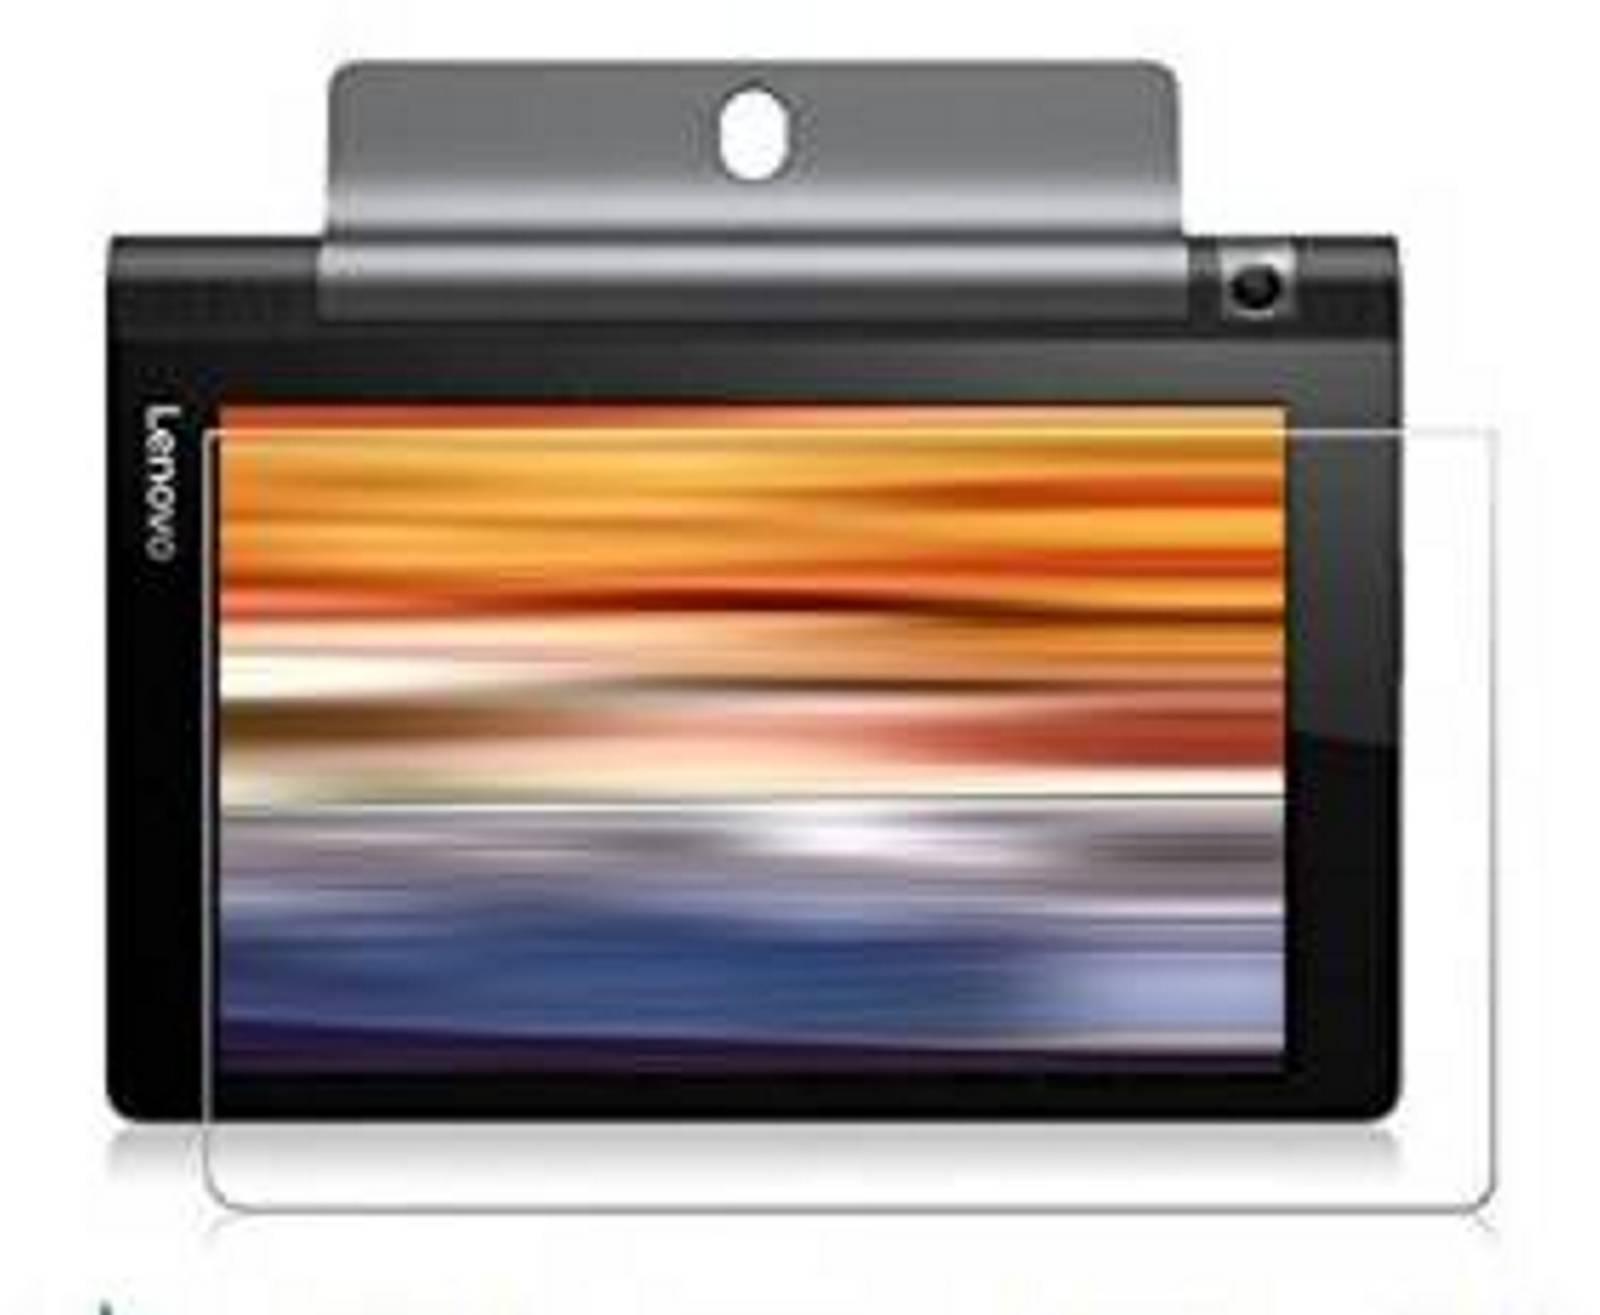 tempered glass tablet lenovo yoga tablet 2 830f 8 zoll. Black Bedroom Furniture Sets. Home Design Ideas